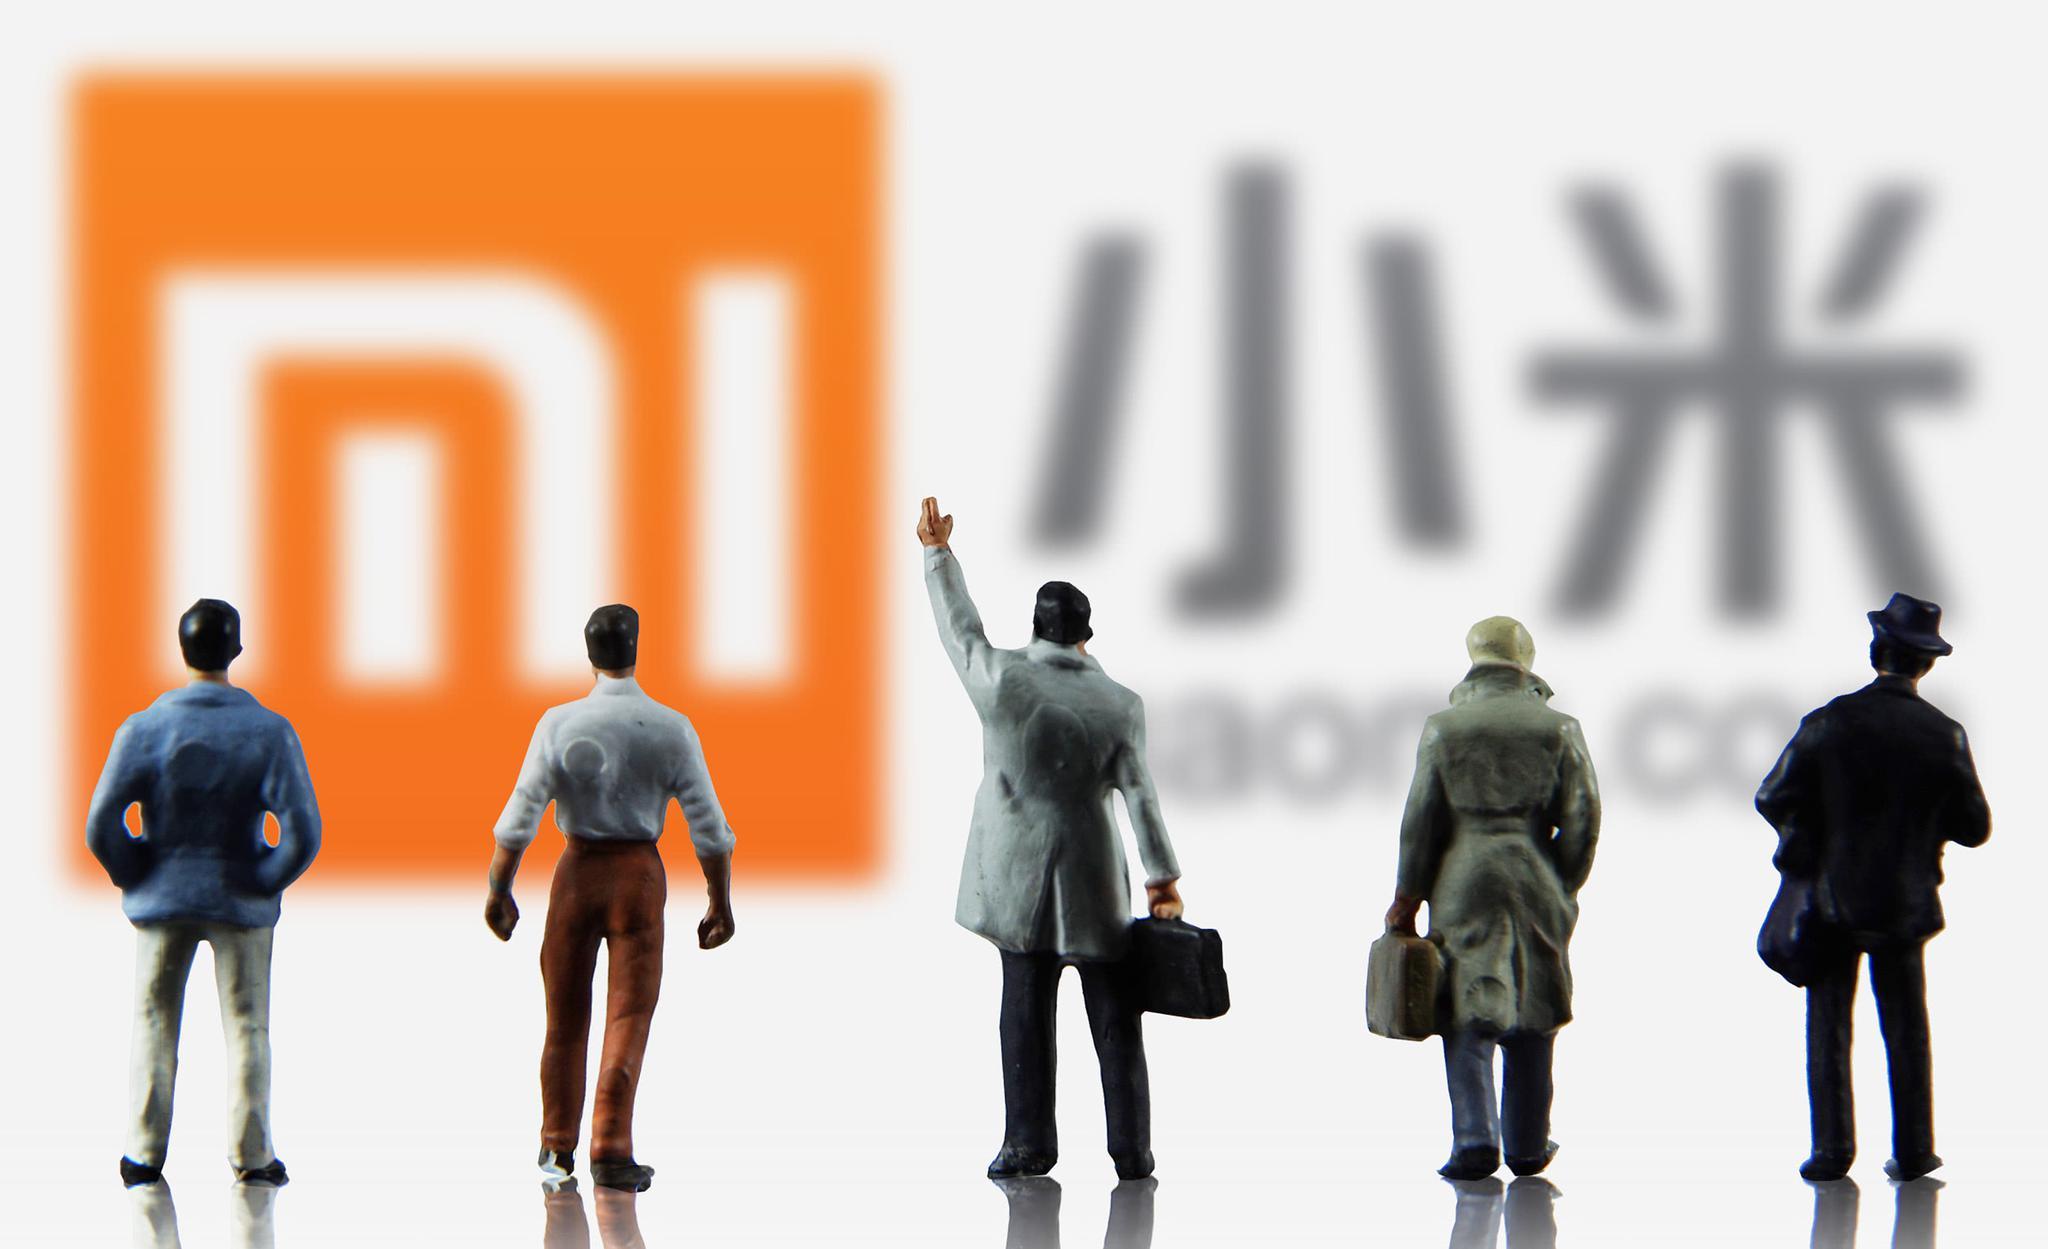 晚报:小米成为世界第四大智能手机制造商;华为终端明年全线搭载鸿蒙系统